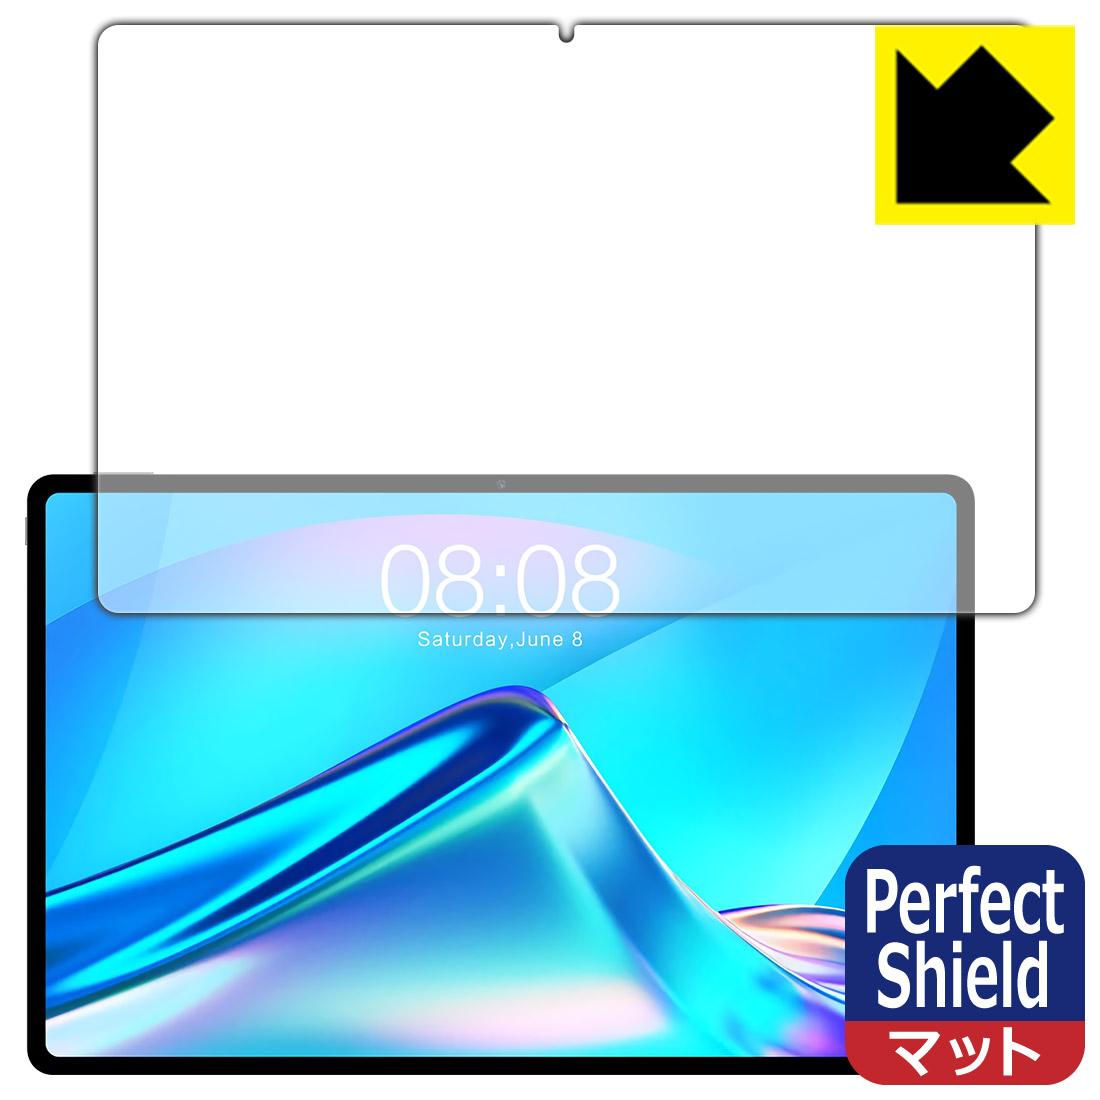 アンチグレアタイプ 定価 未使用 非光沢 Teclast T40 Plus Perfect smtb-kd 専用保護フィルム 保護シート Shield